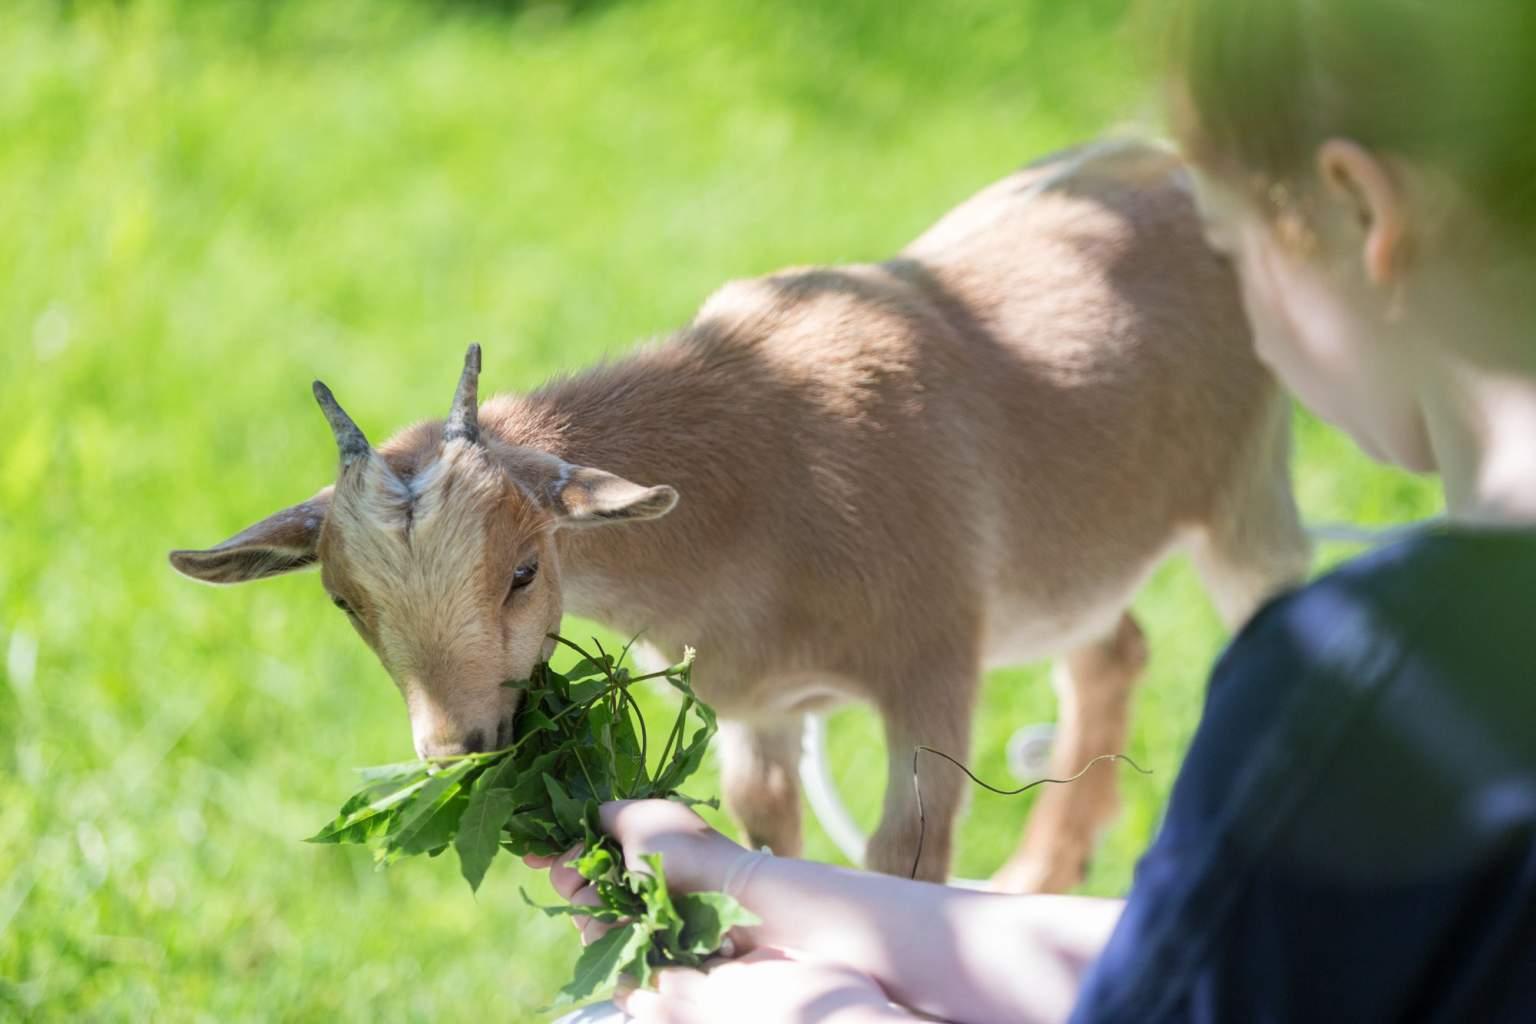 A pygmy goat